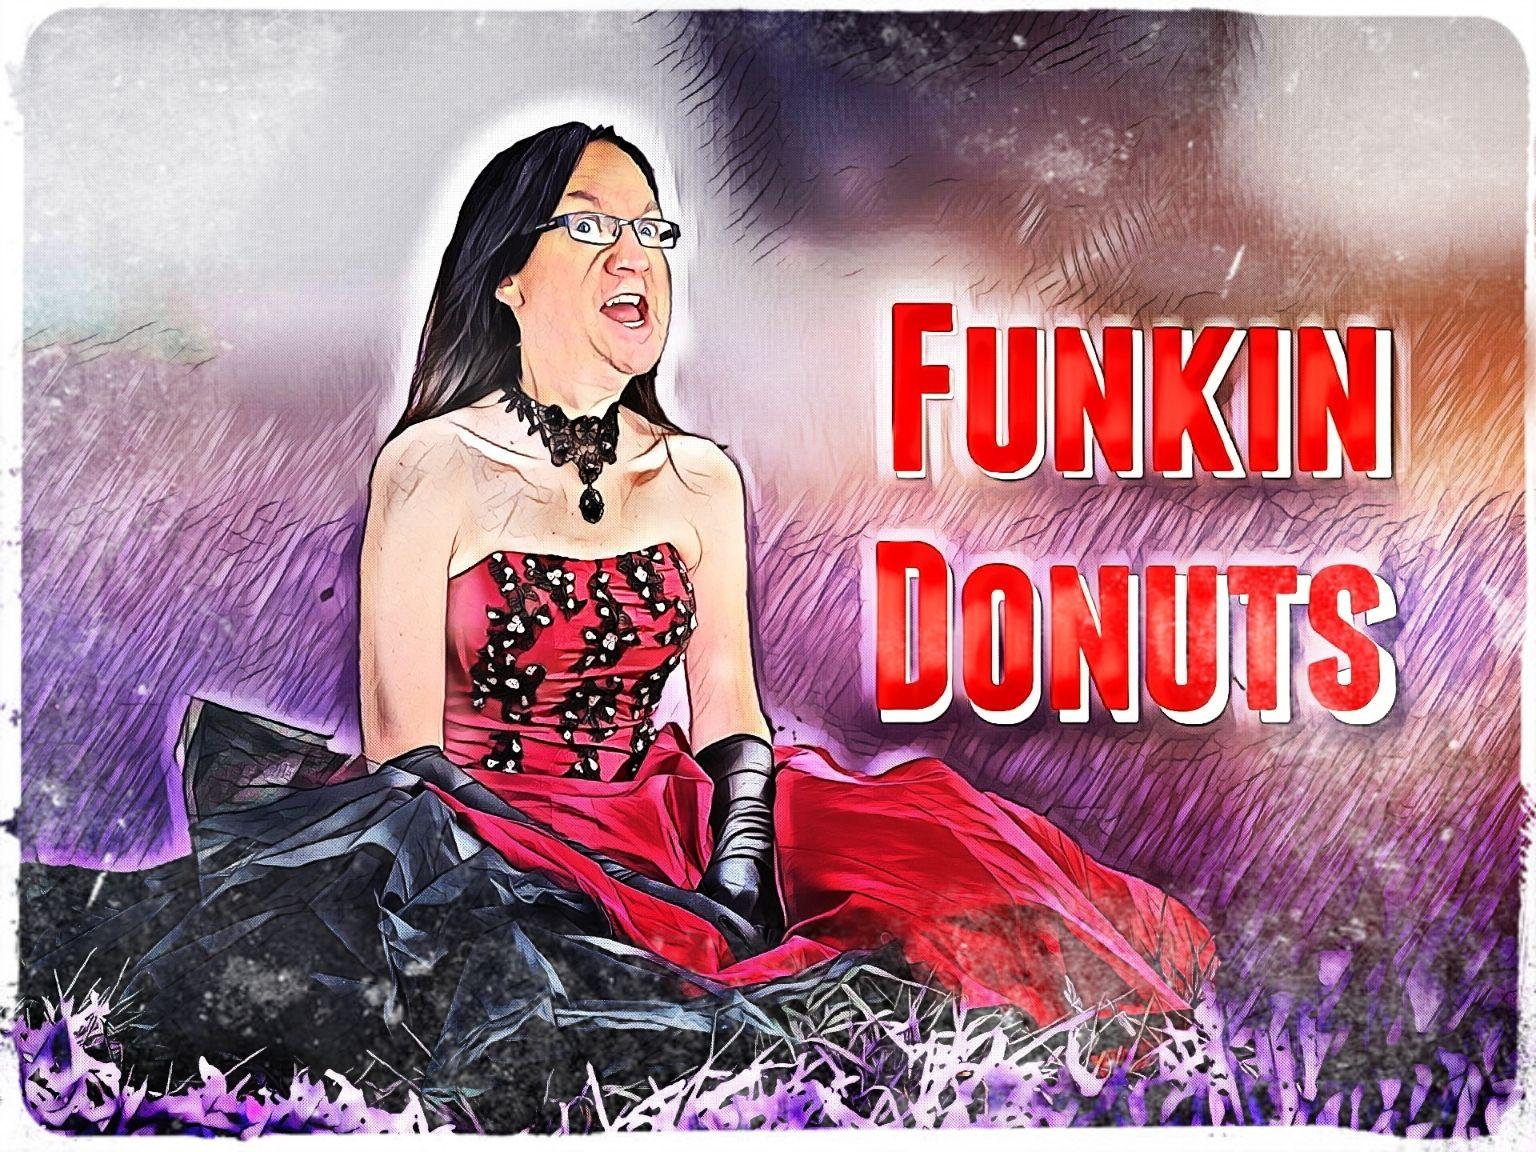 meesterboom_donuts.jpg